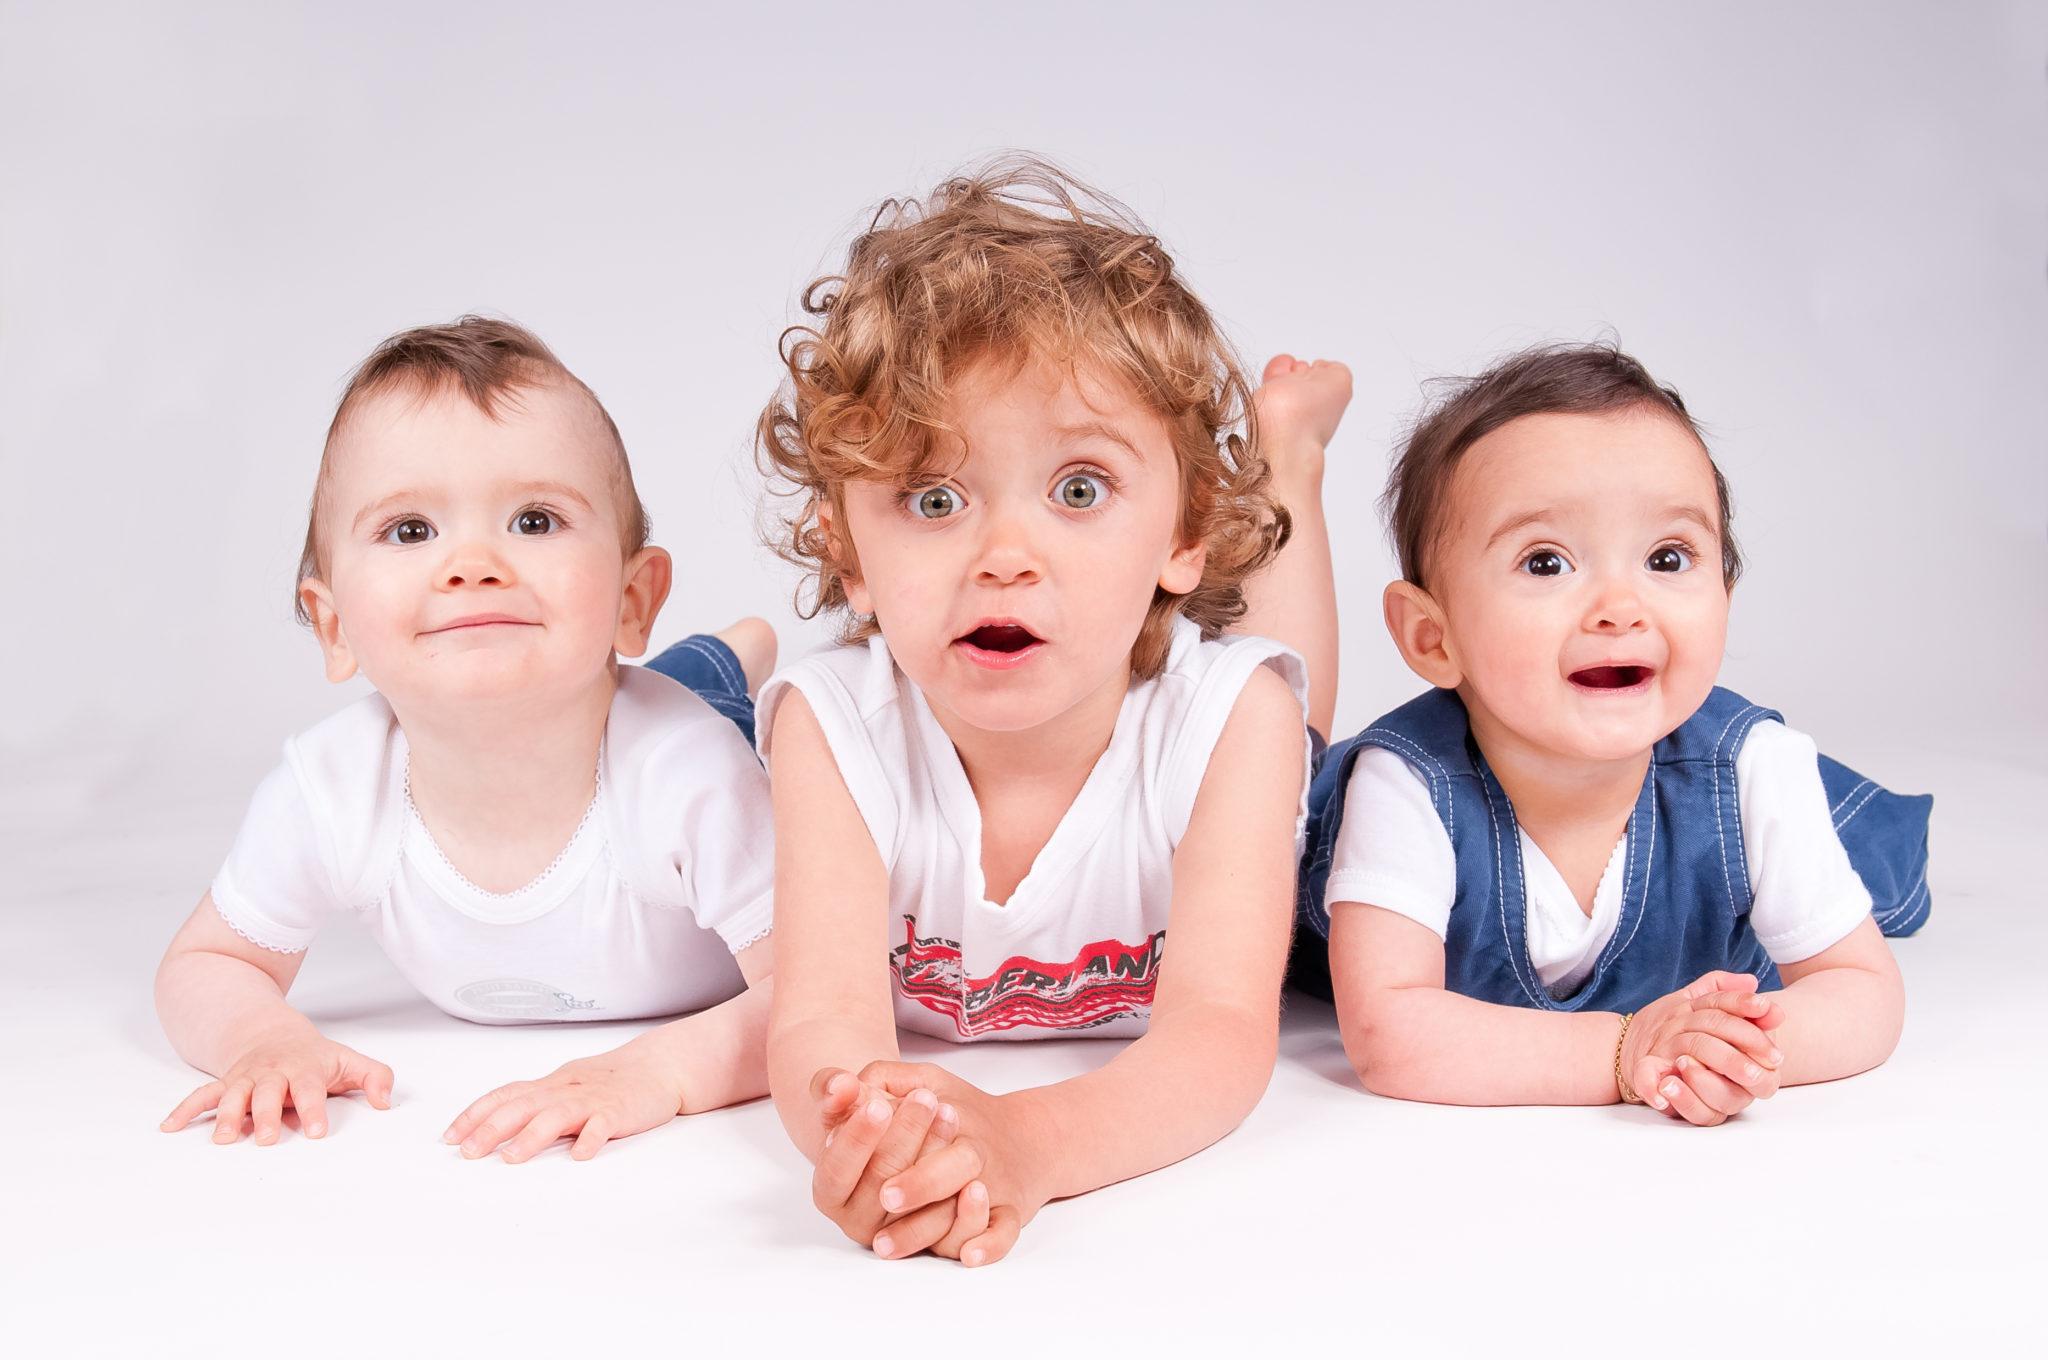 BI_NAISSANCE ENFANT_PICT260